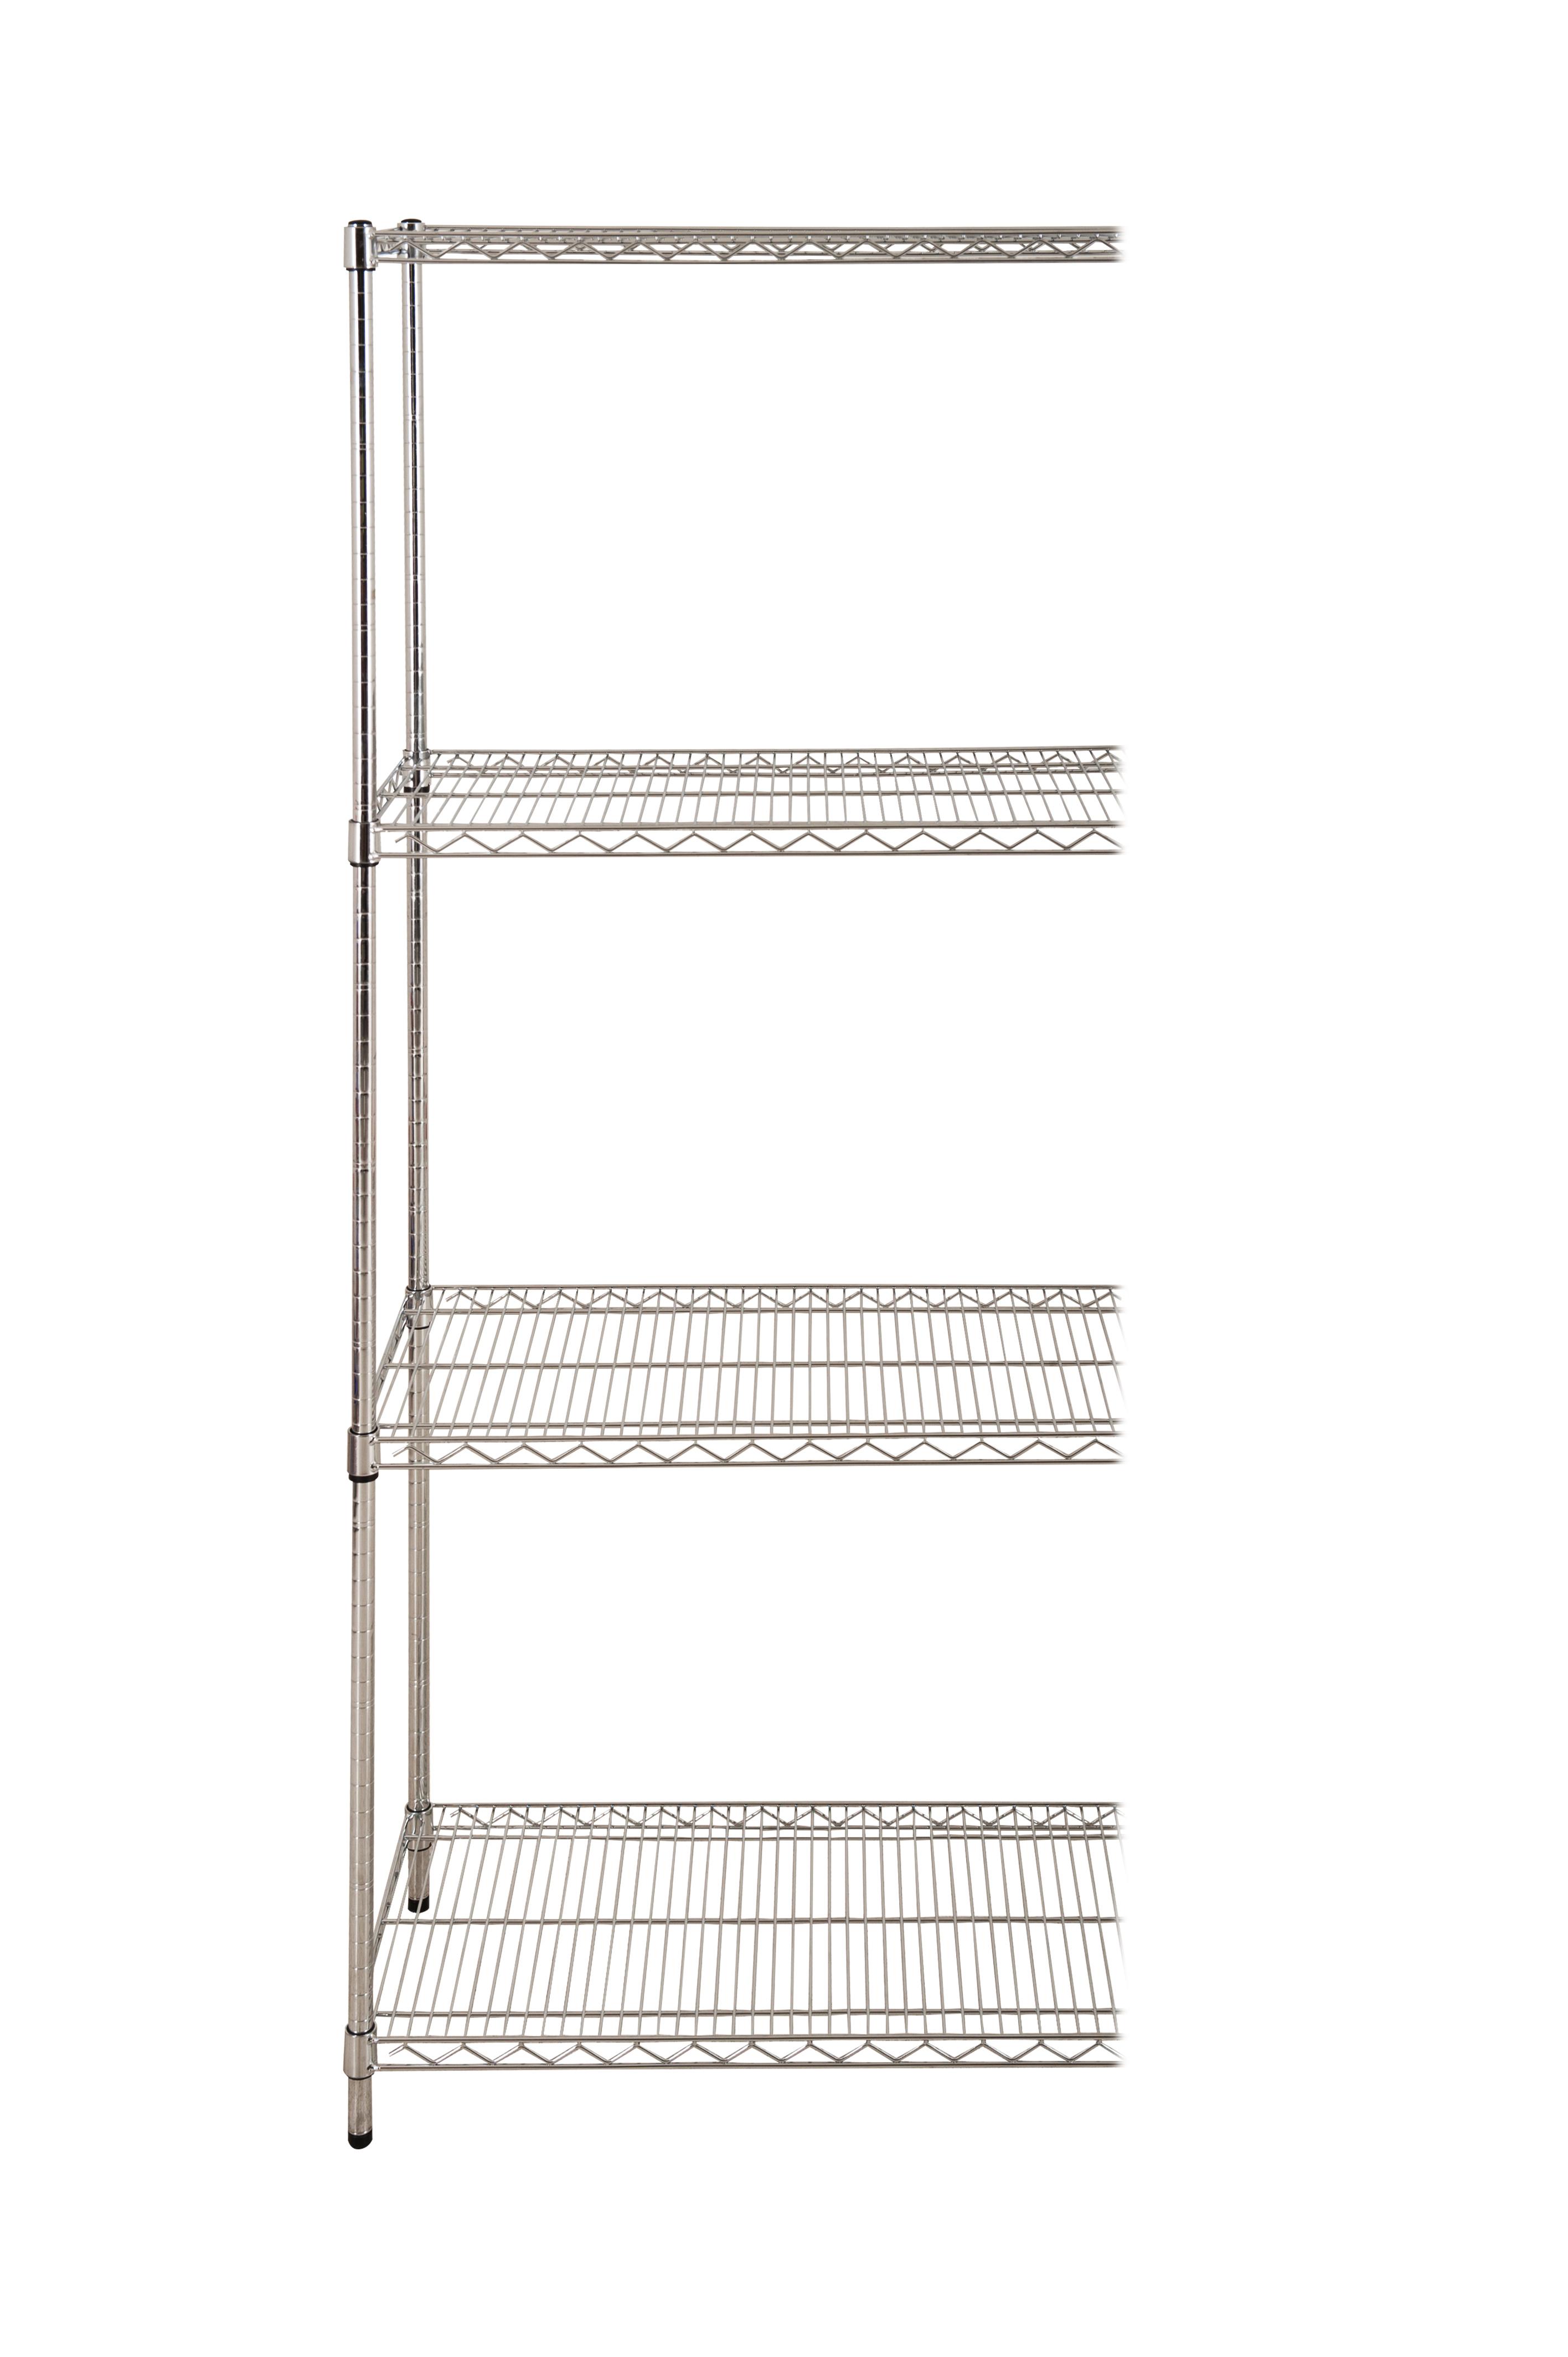 4 Shelf Chrome Add On Bay - 1880 x 915 x 610